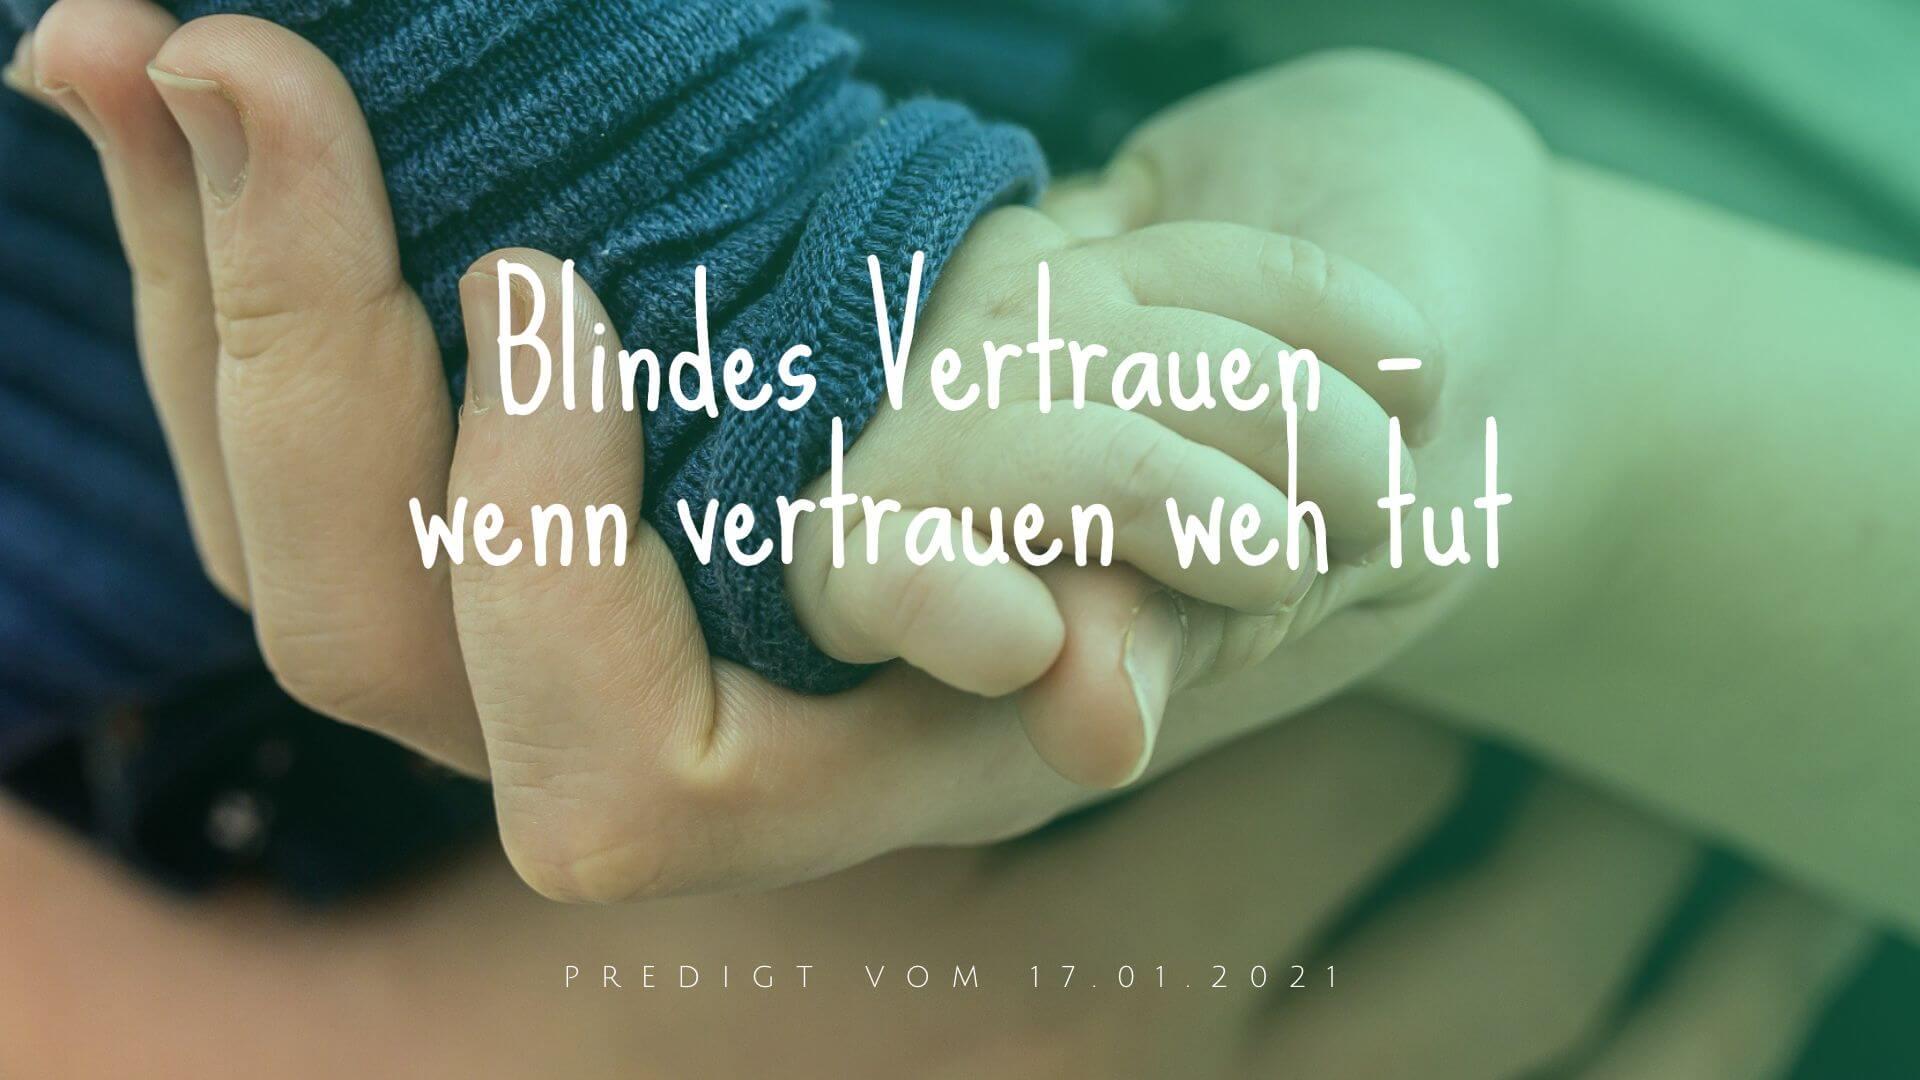 Blindes Vertrauen – wenn vertrauen weh tut. Predigt vom 17.01.2021